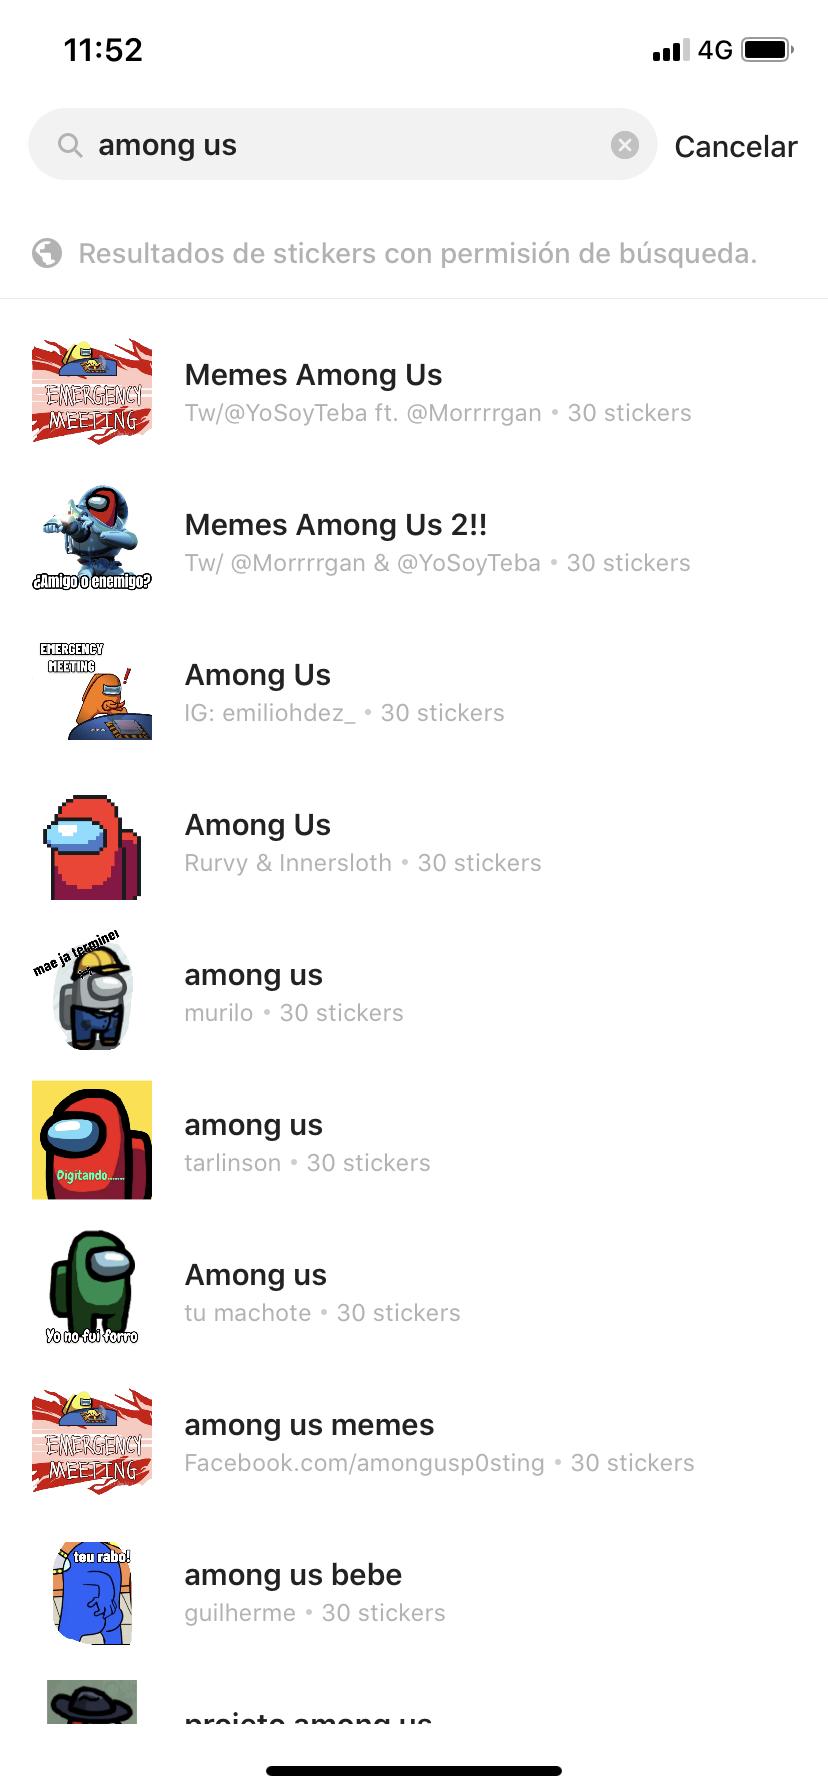 cómo descargar stickers de Among Us